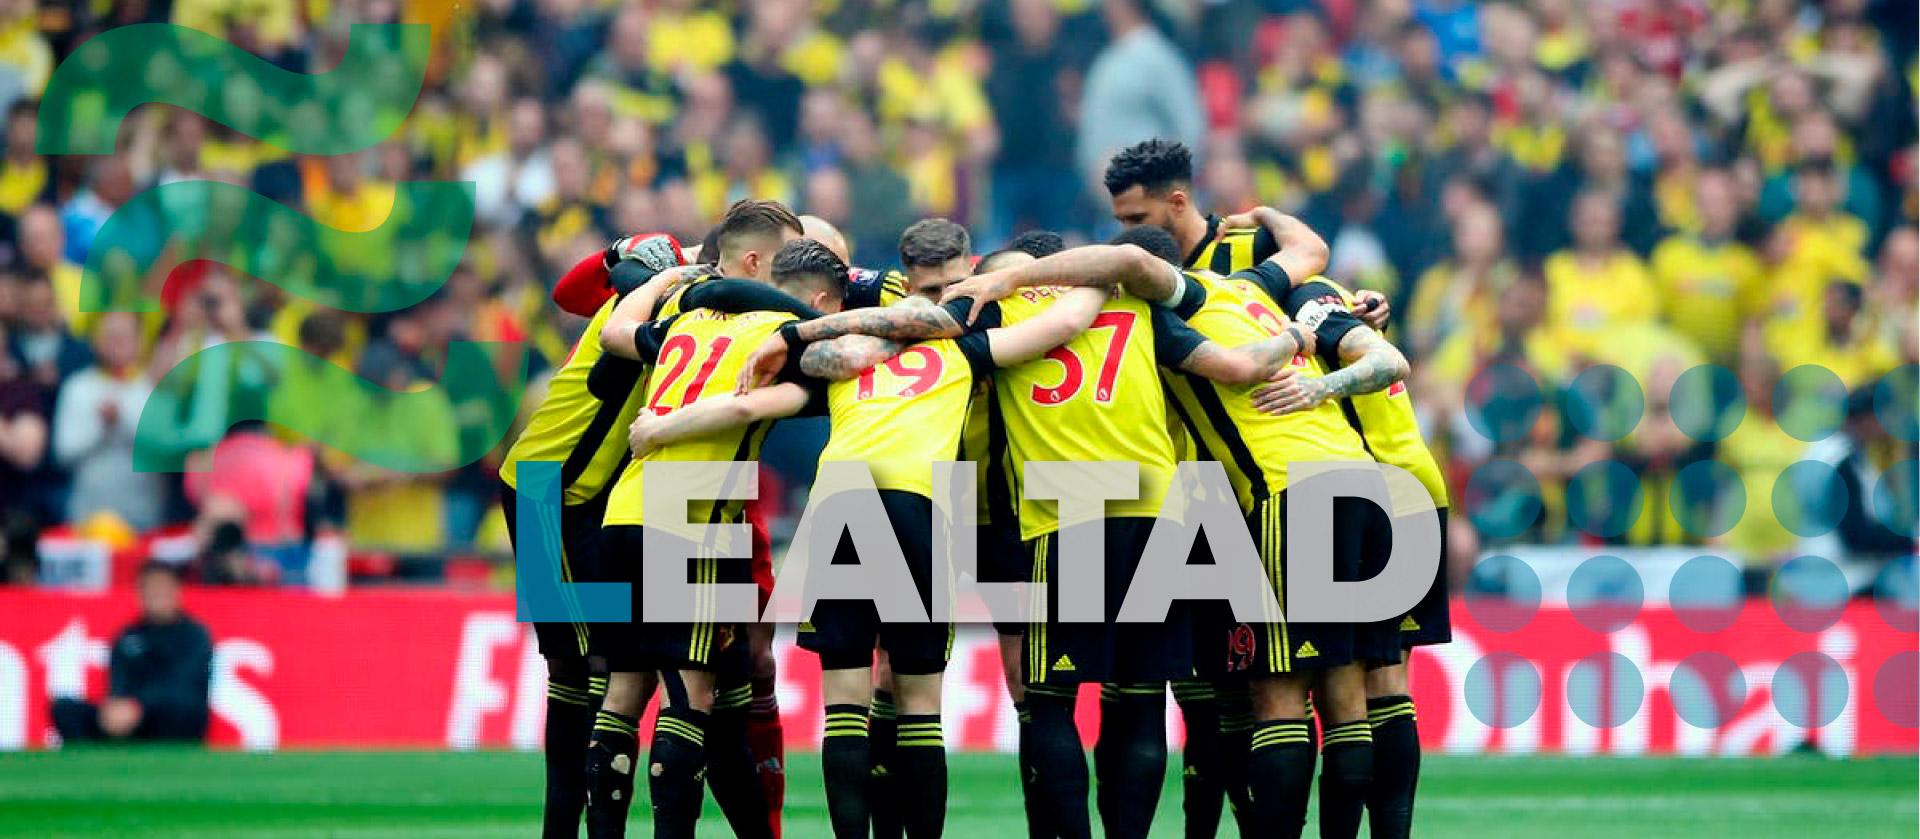 4-Lealtad